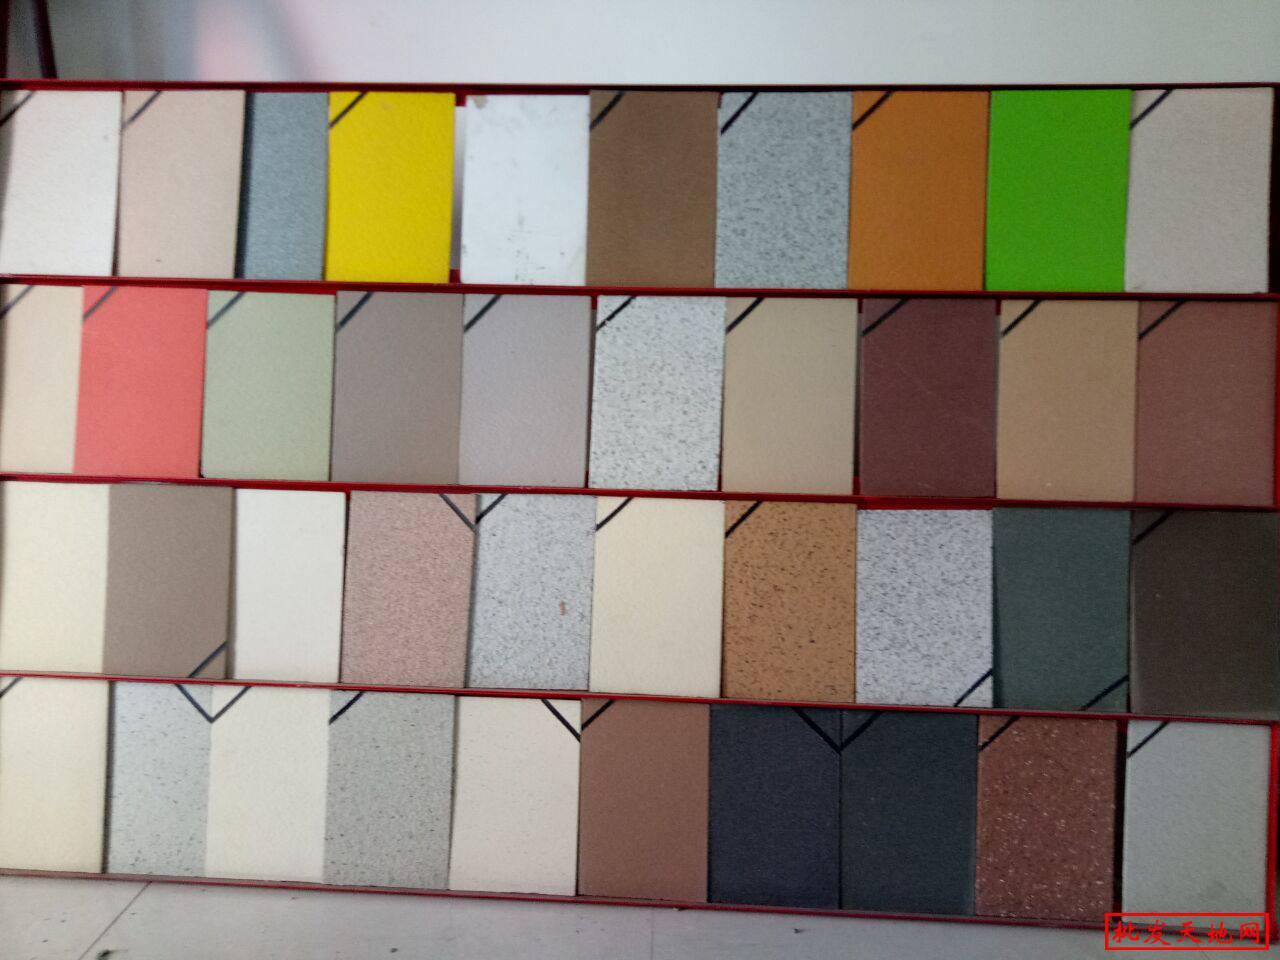 济南真石漆乳胶漆厂家直销建筑材料外墙涂料